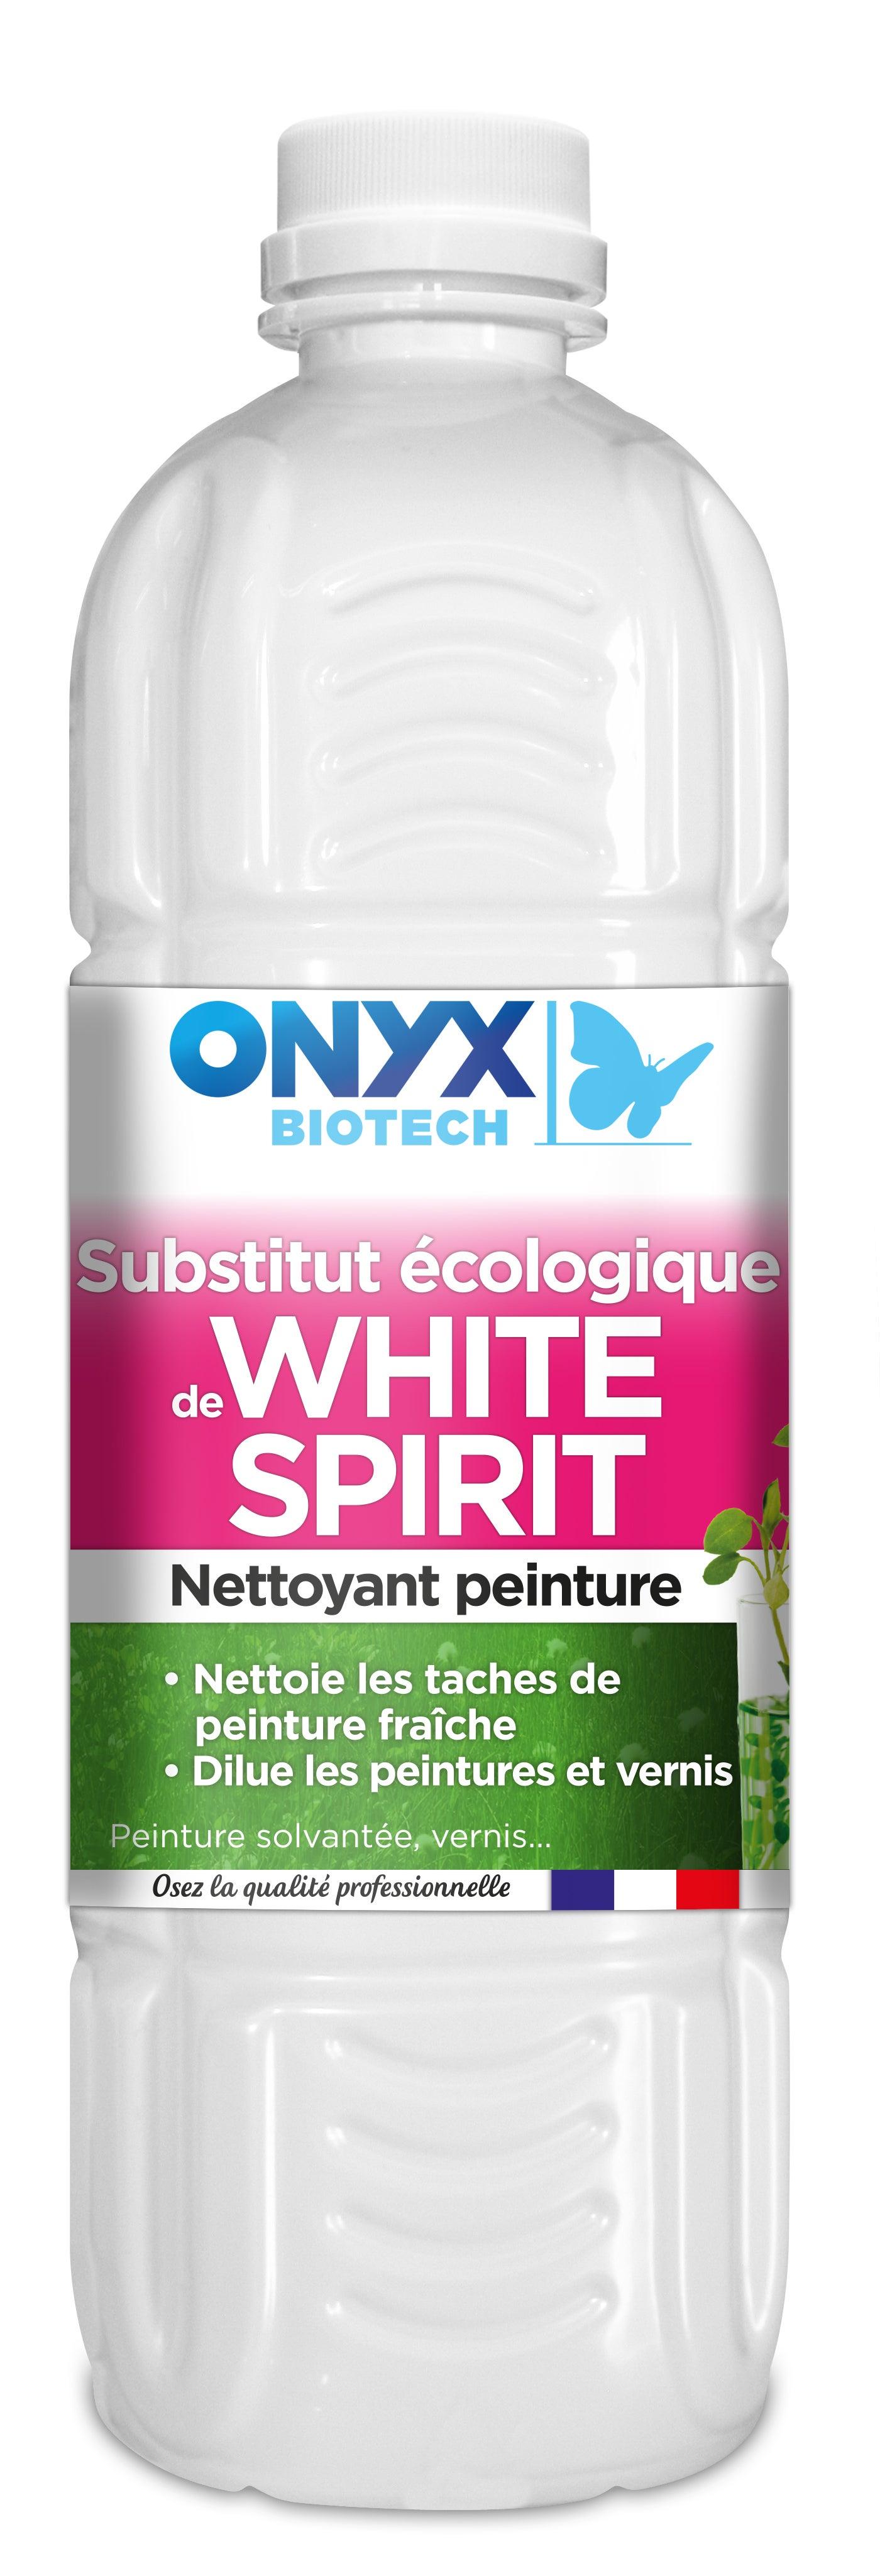 White spirit écologique ecologique ONYX, 15 l